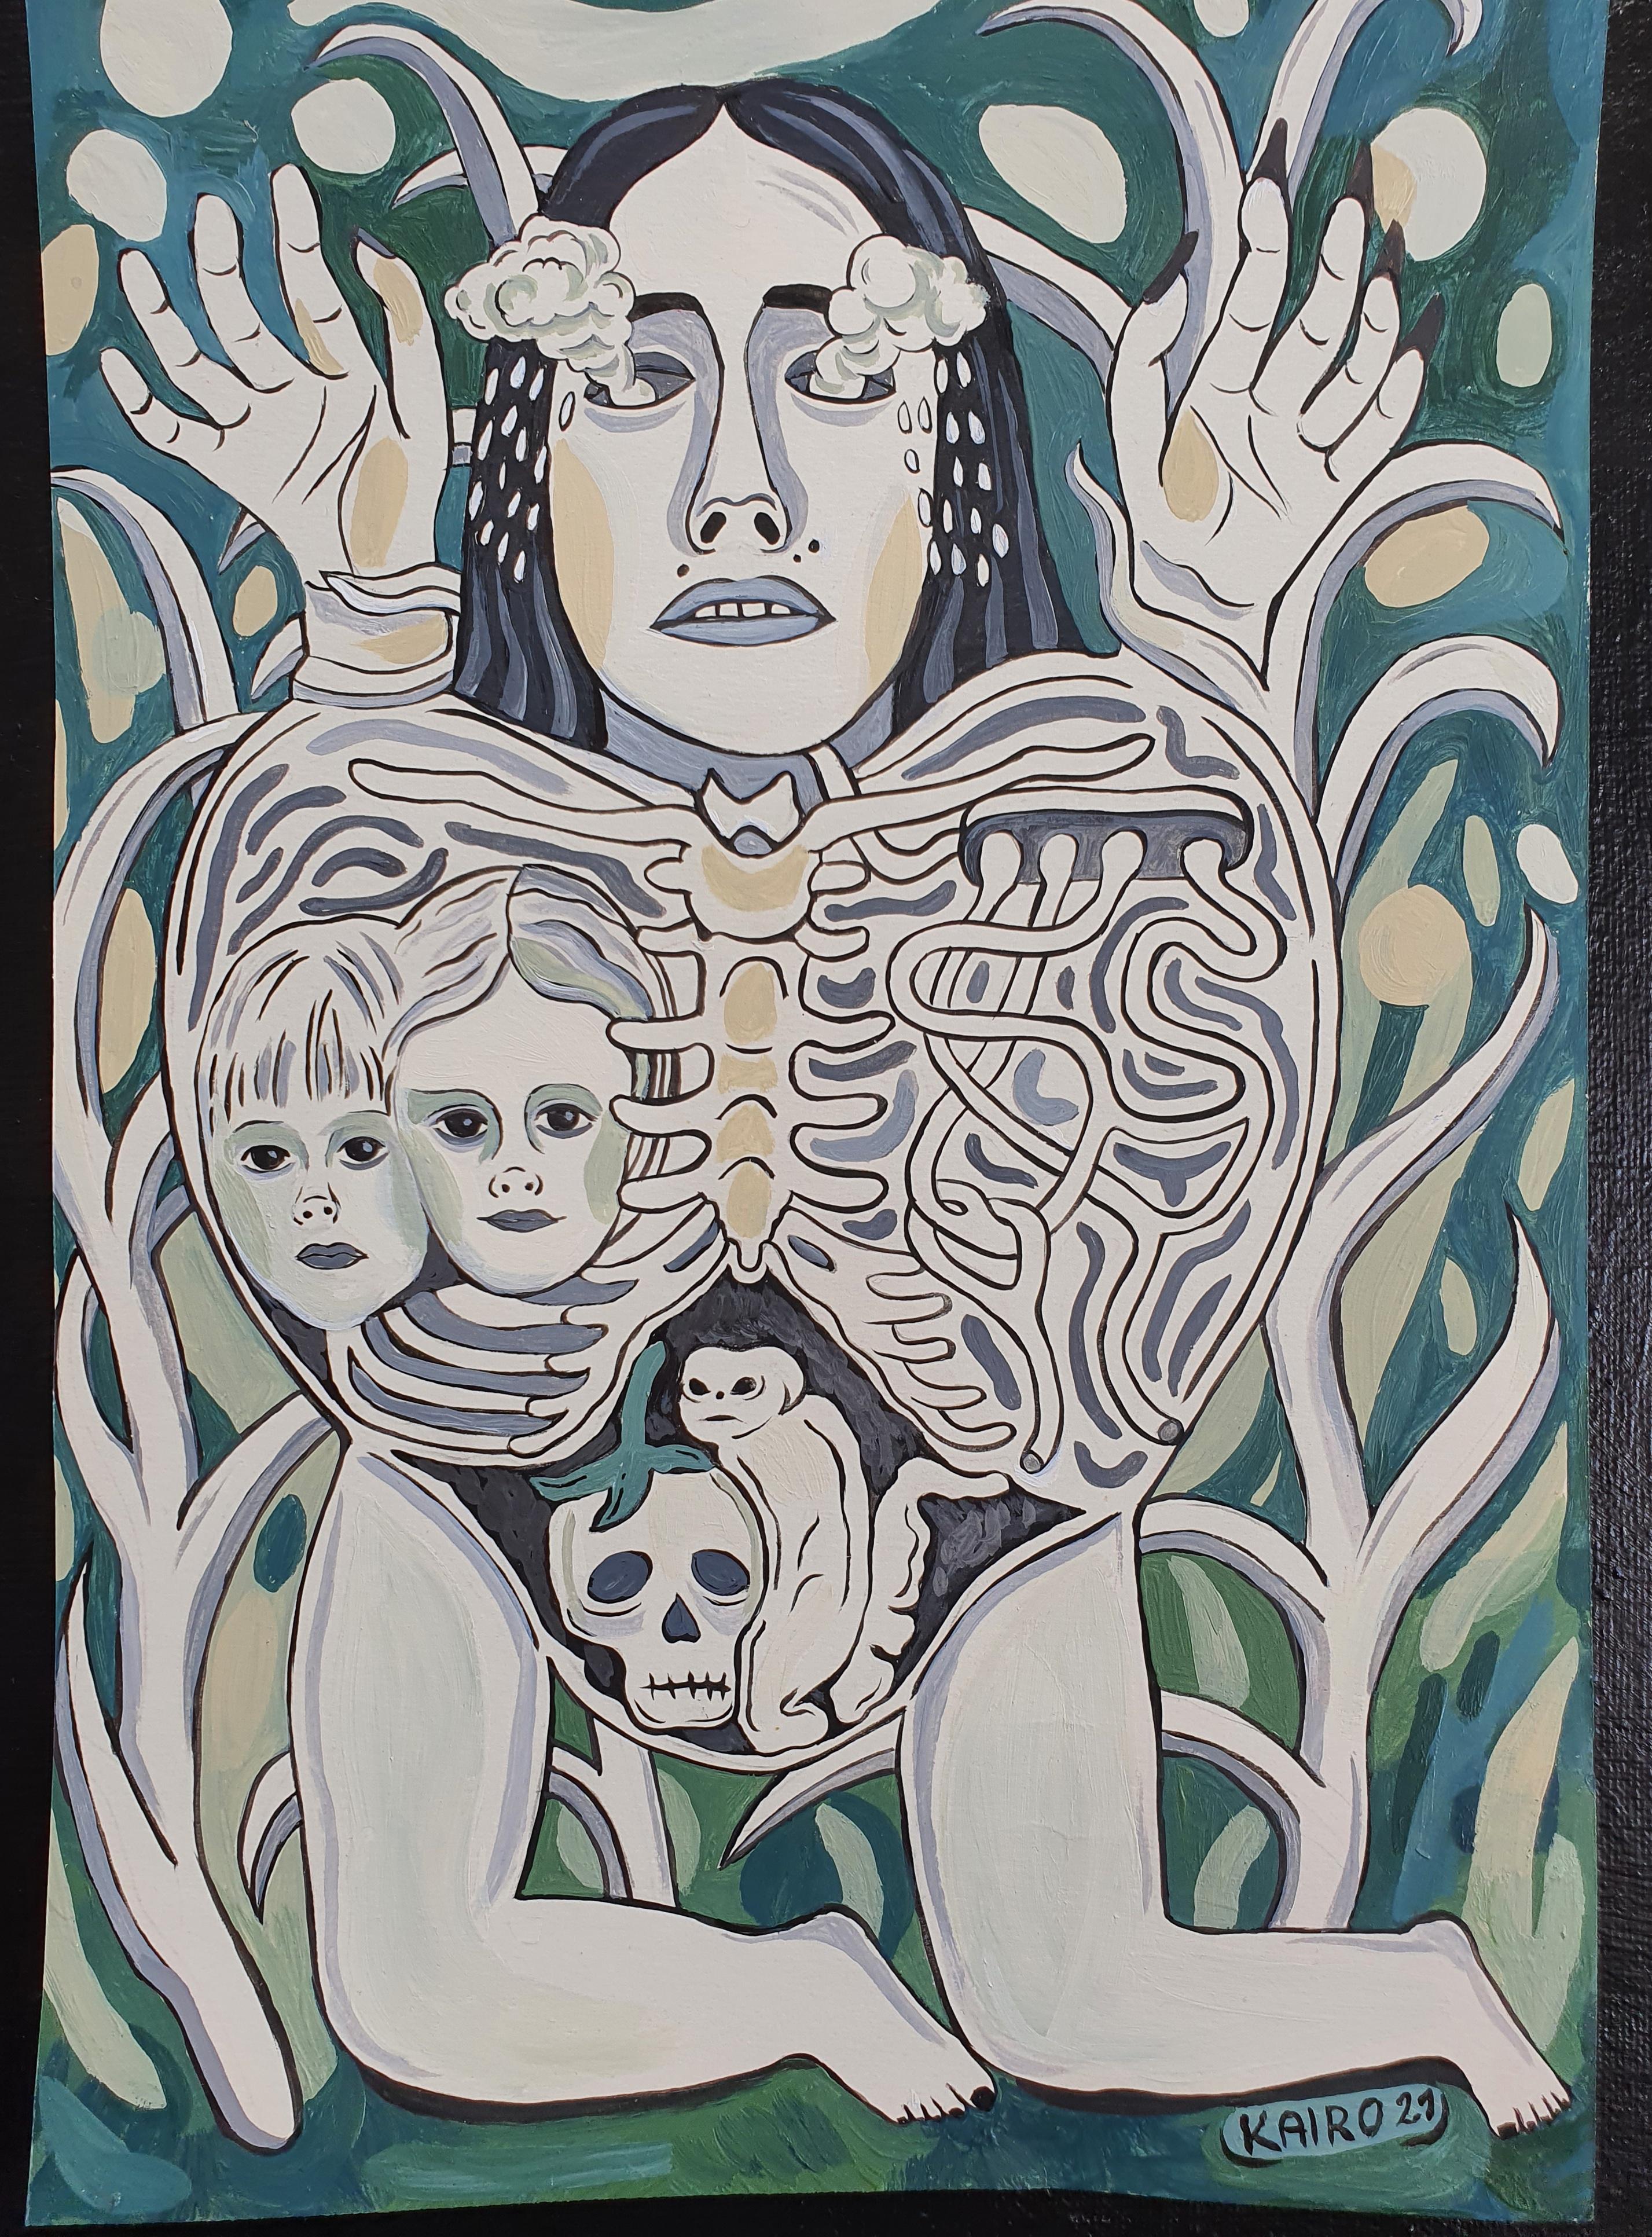 Ema kahe näituse vahel (Kairo)